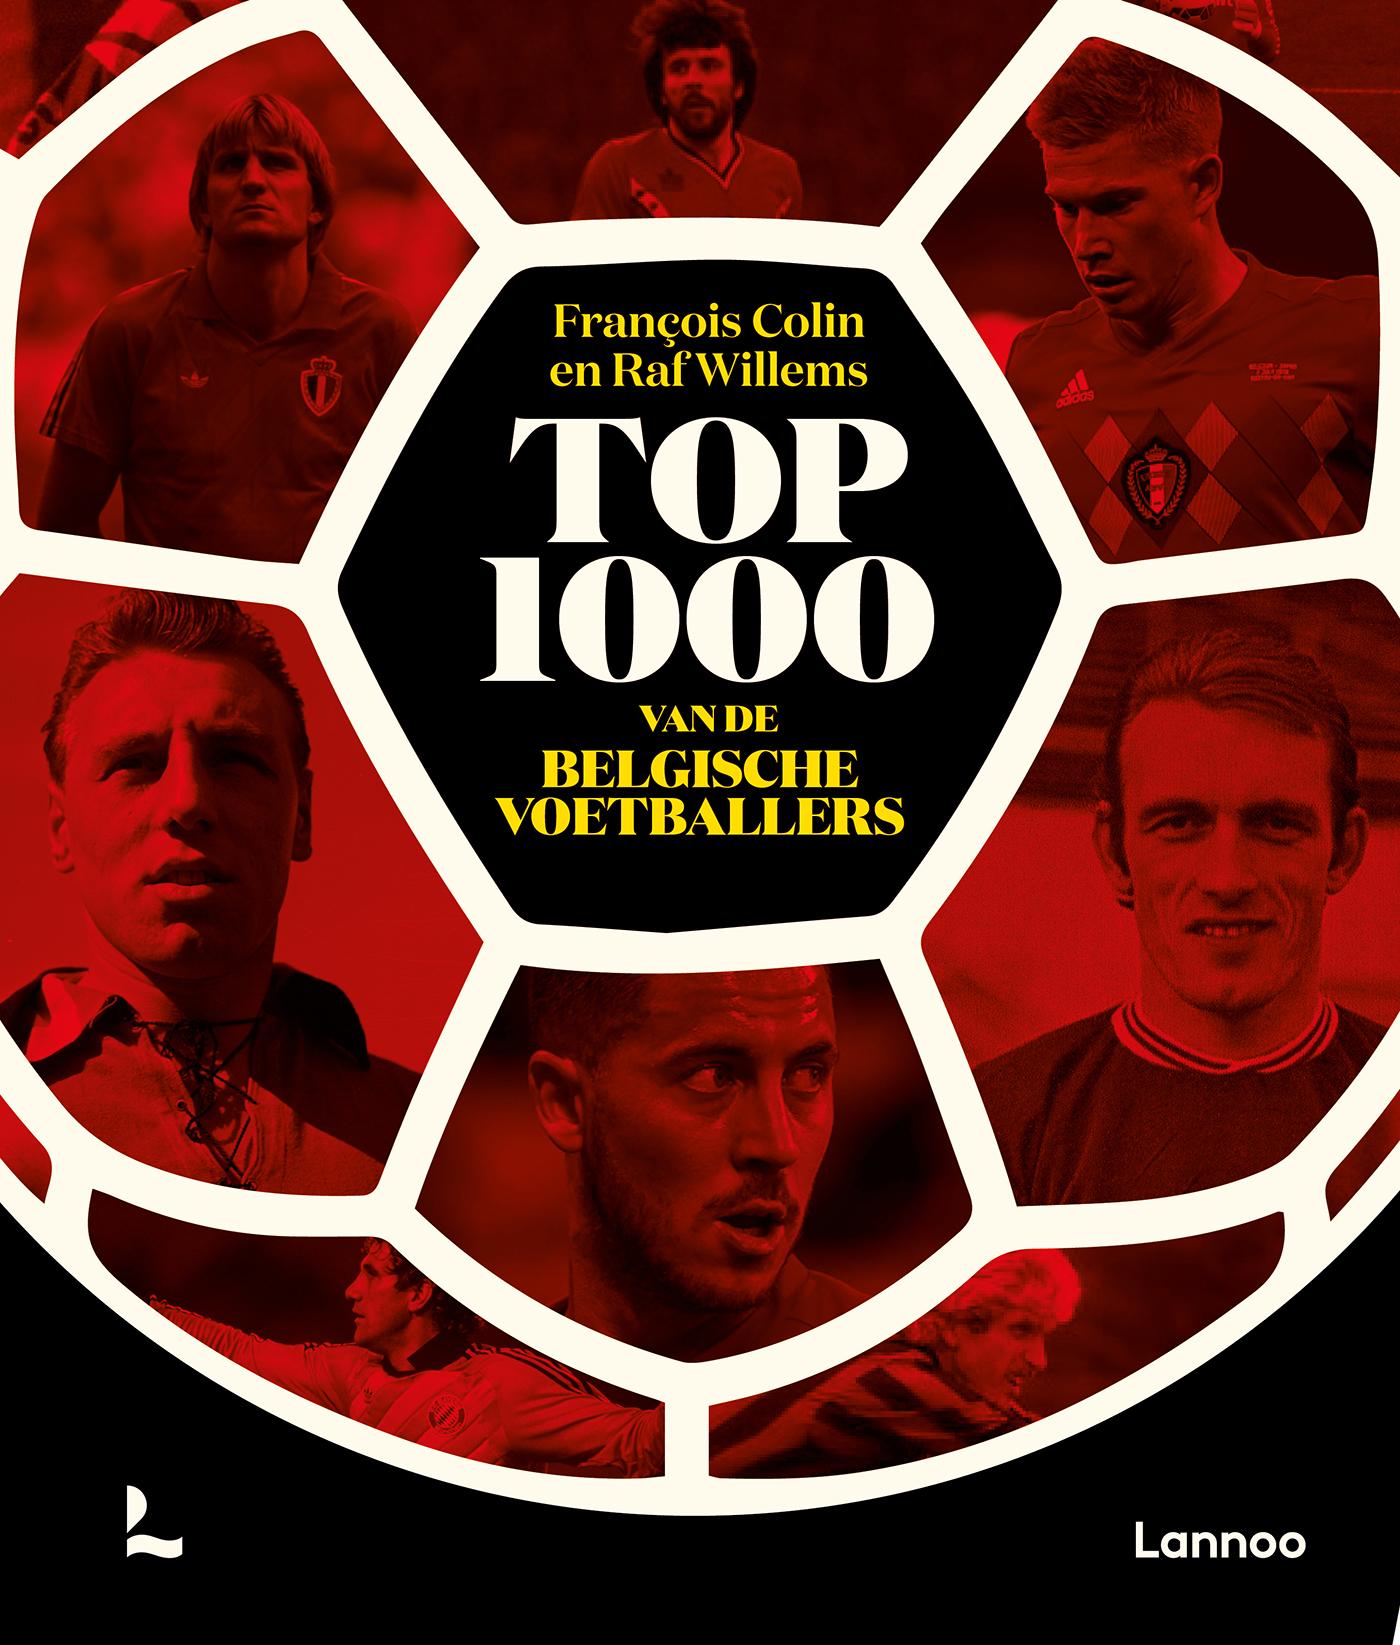 Top 1000 van de Belgische voetballers